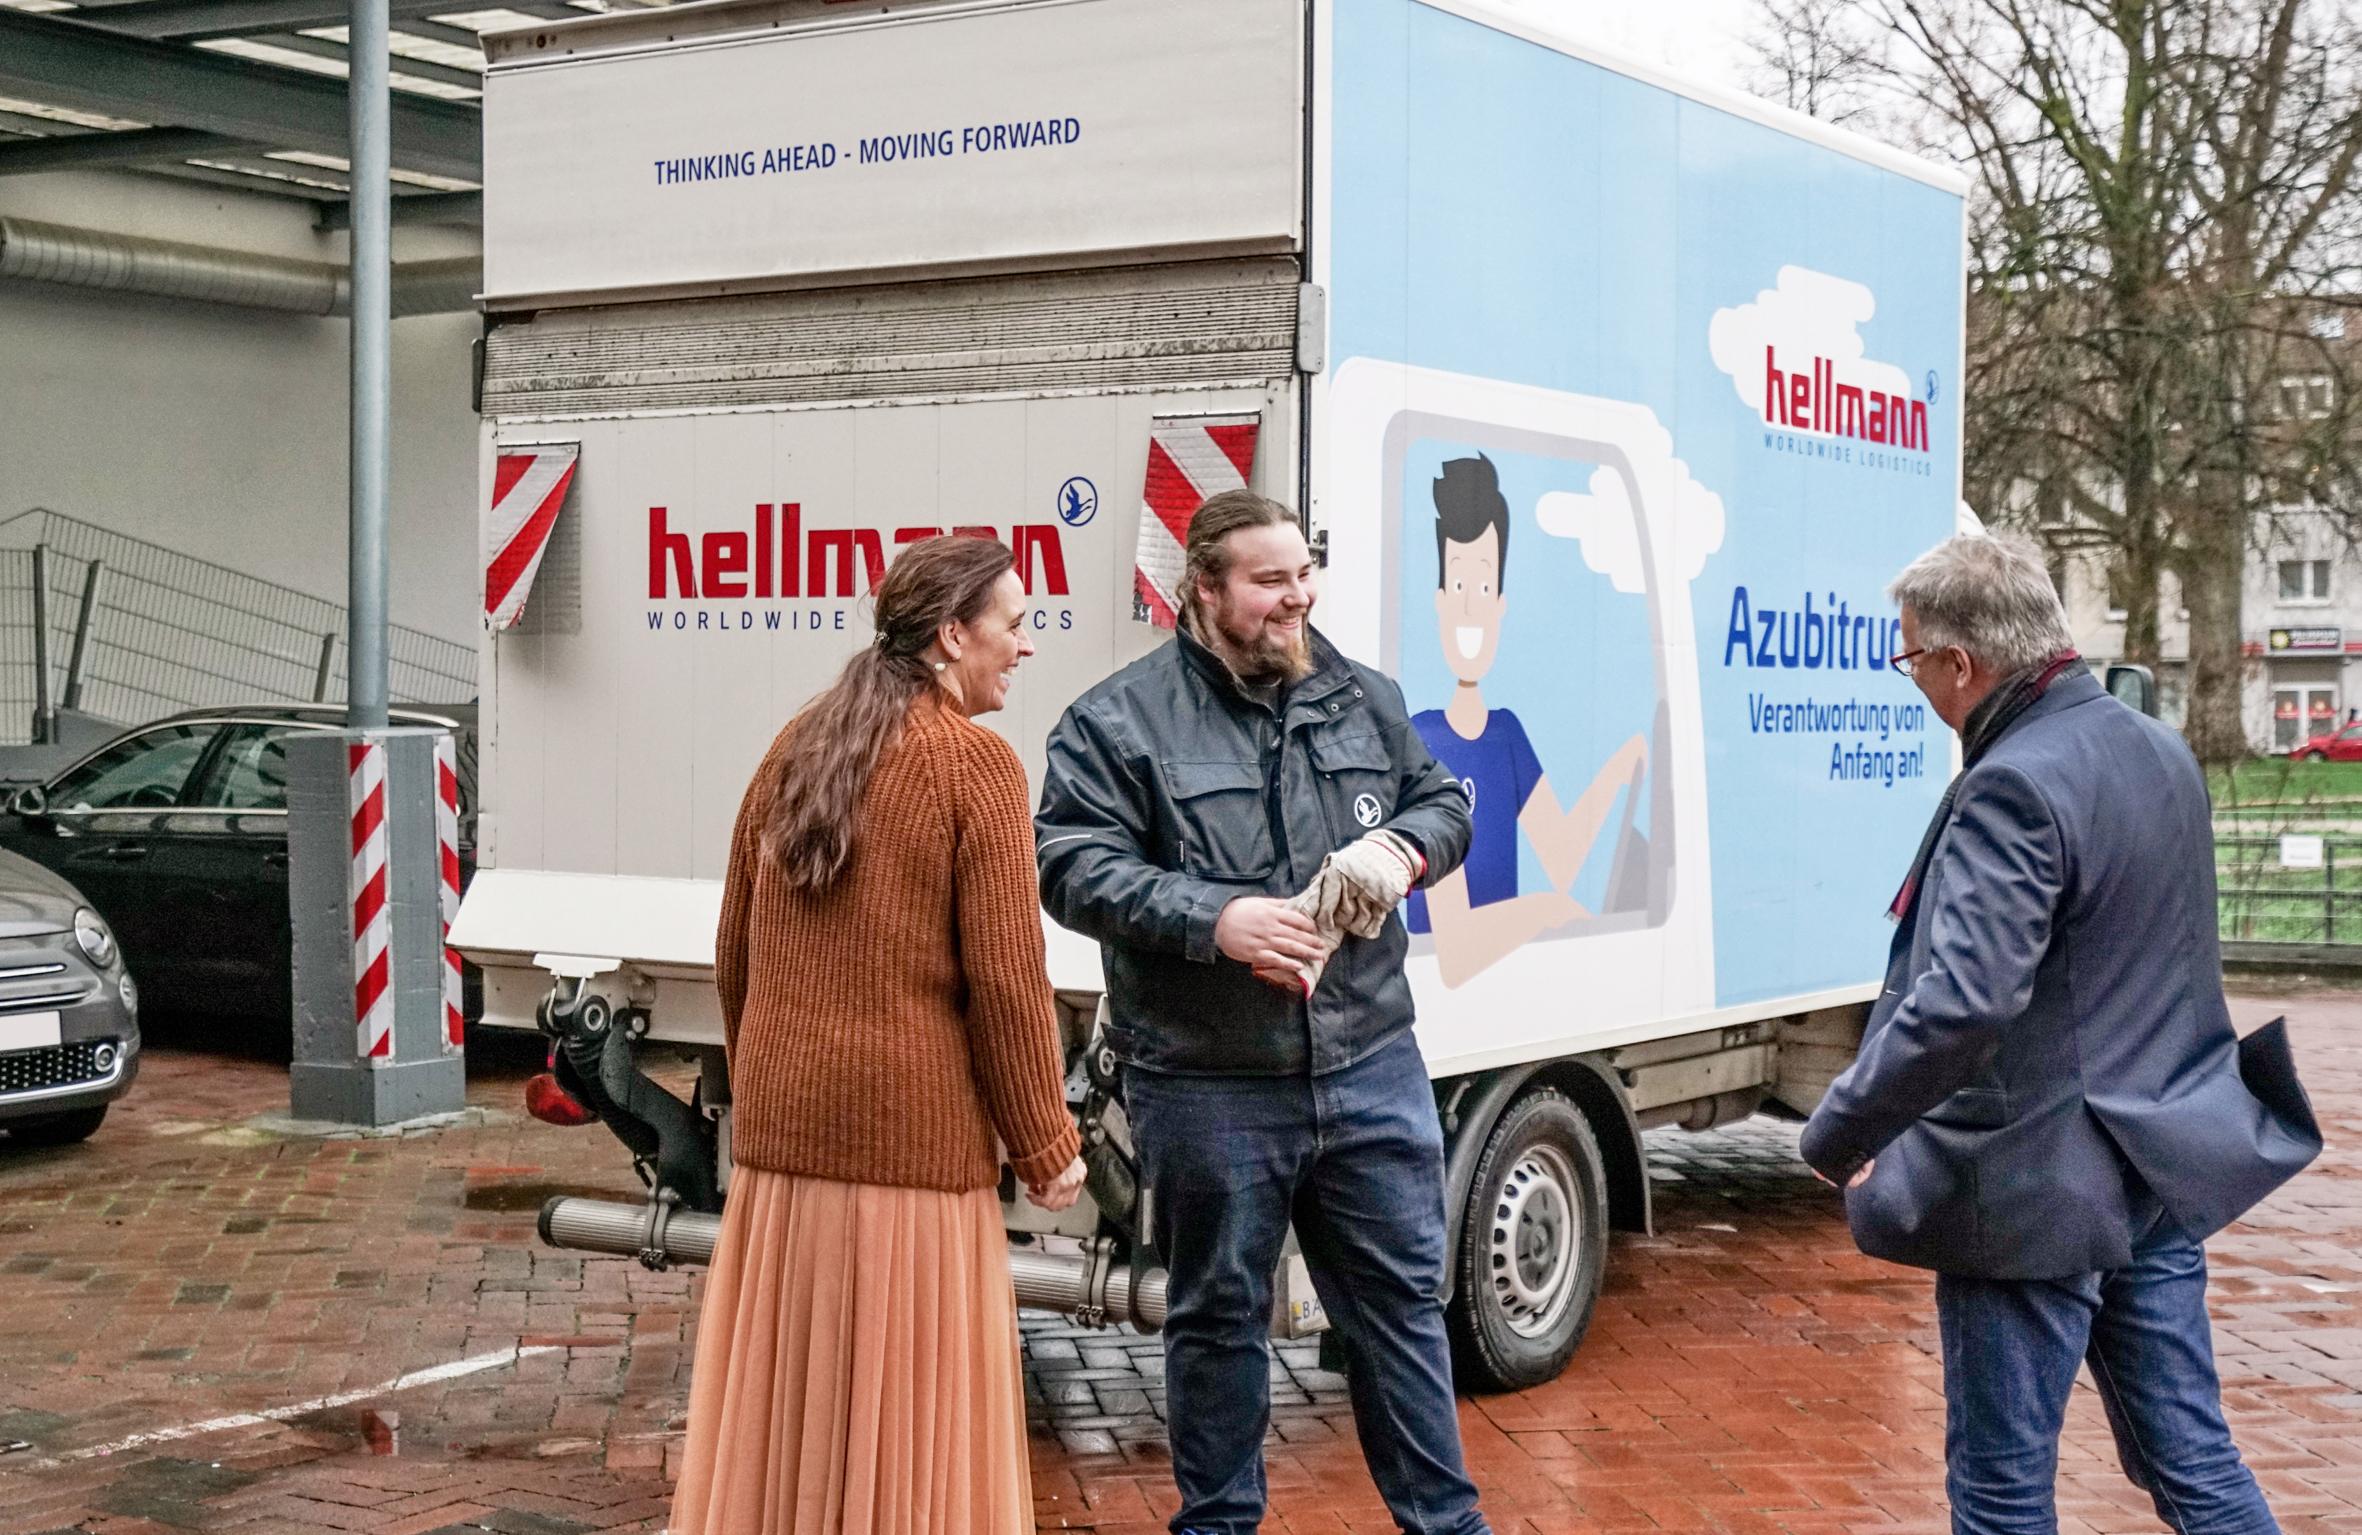 Agentur sec und Hellmann Logistik